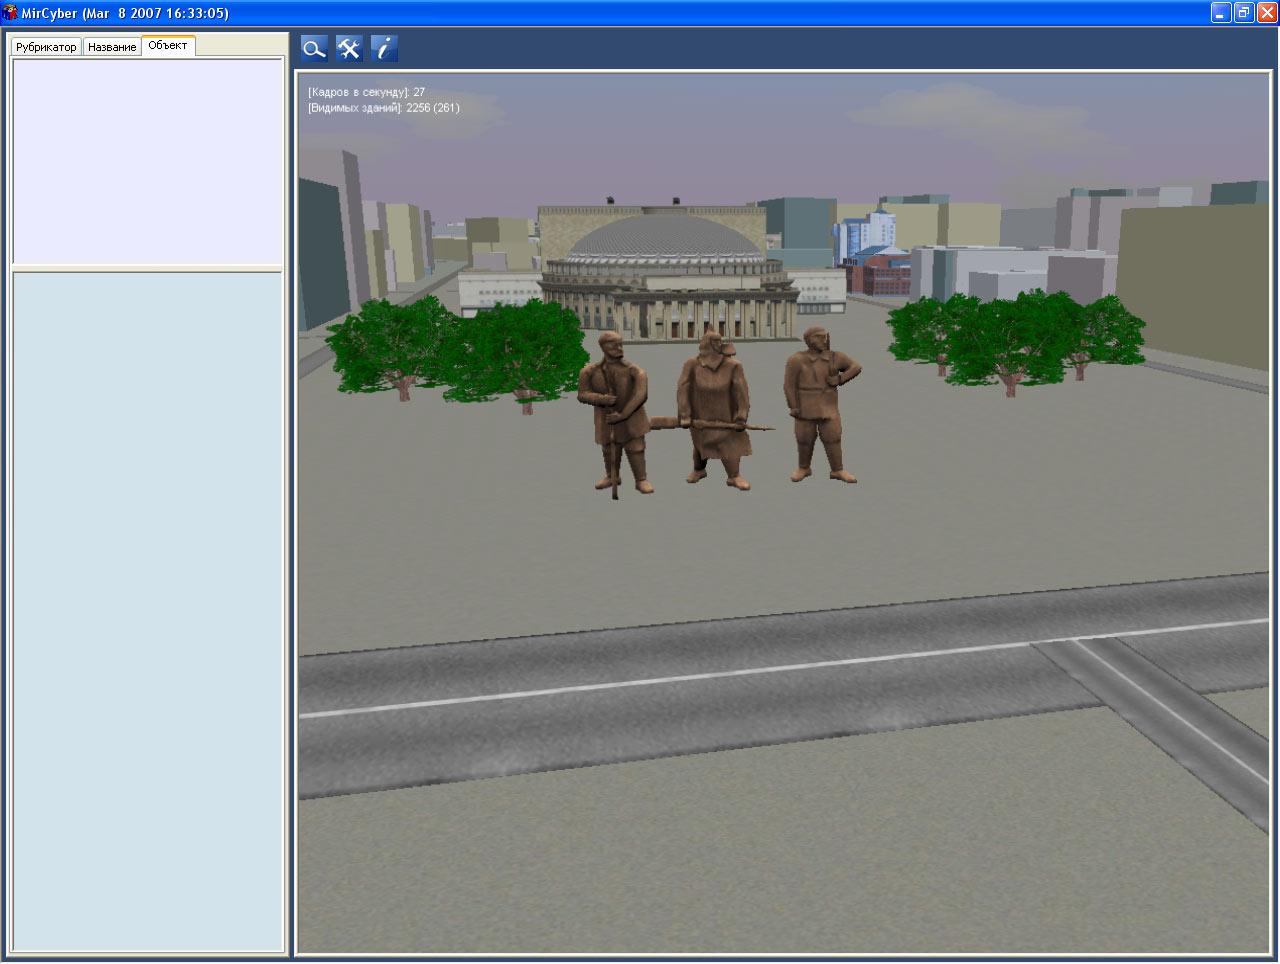 Скачать Мир Кибер v.1.00 beta бесплатно (MirCyber_1.0_setup.rar) Freeware по прямой ссылке